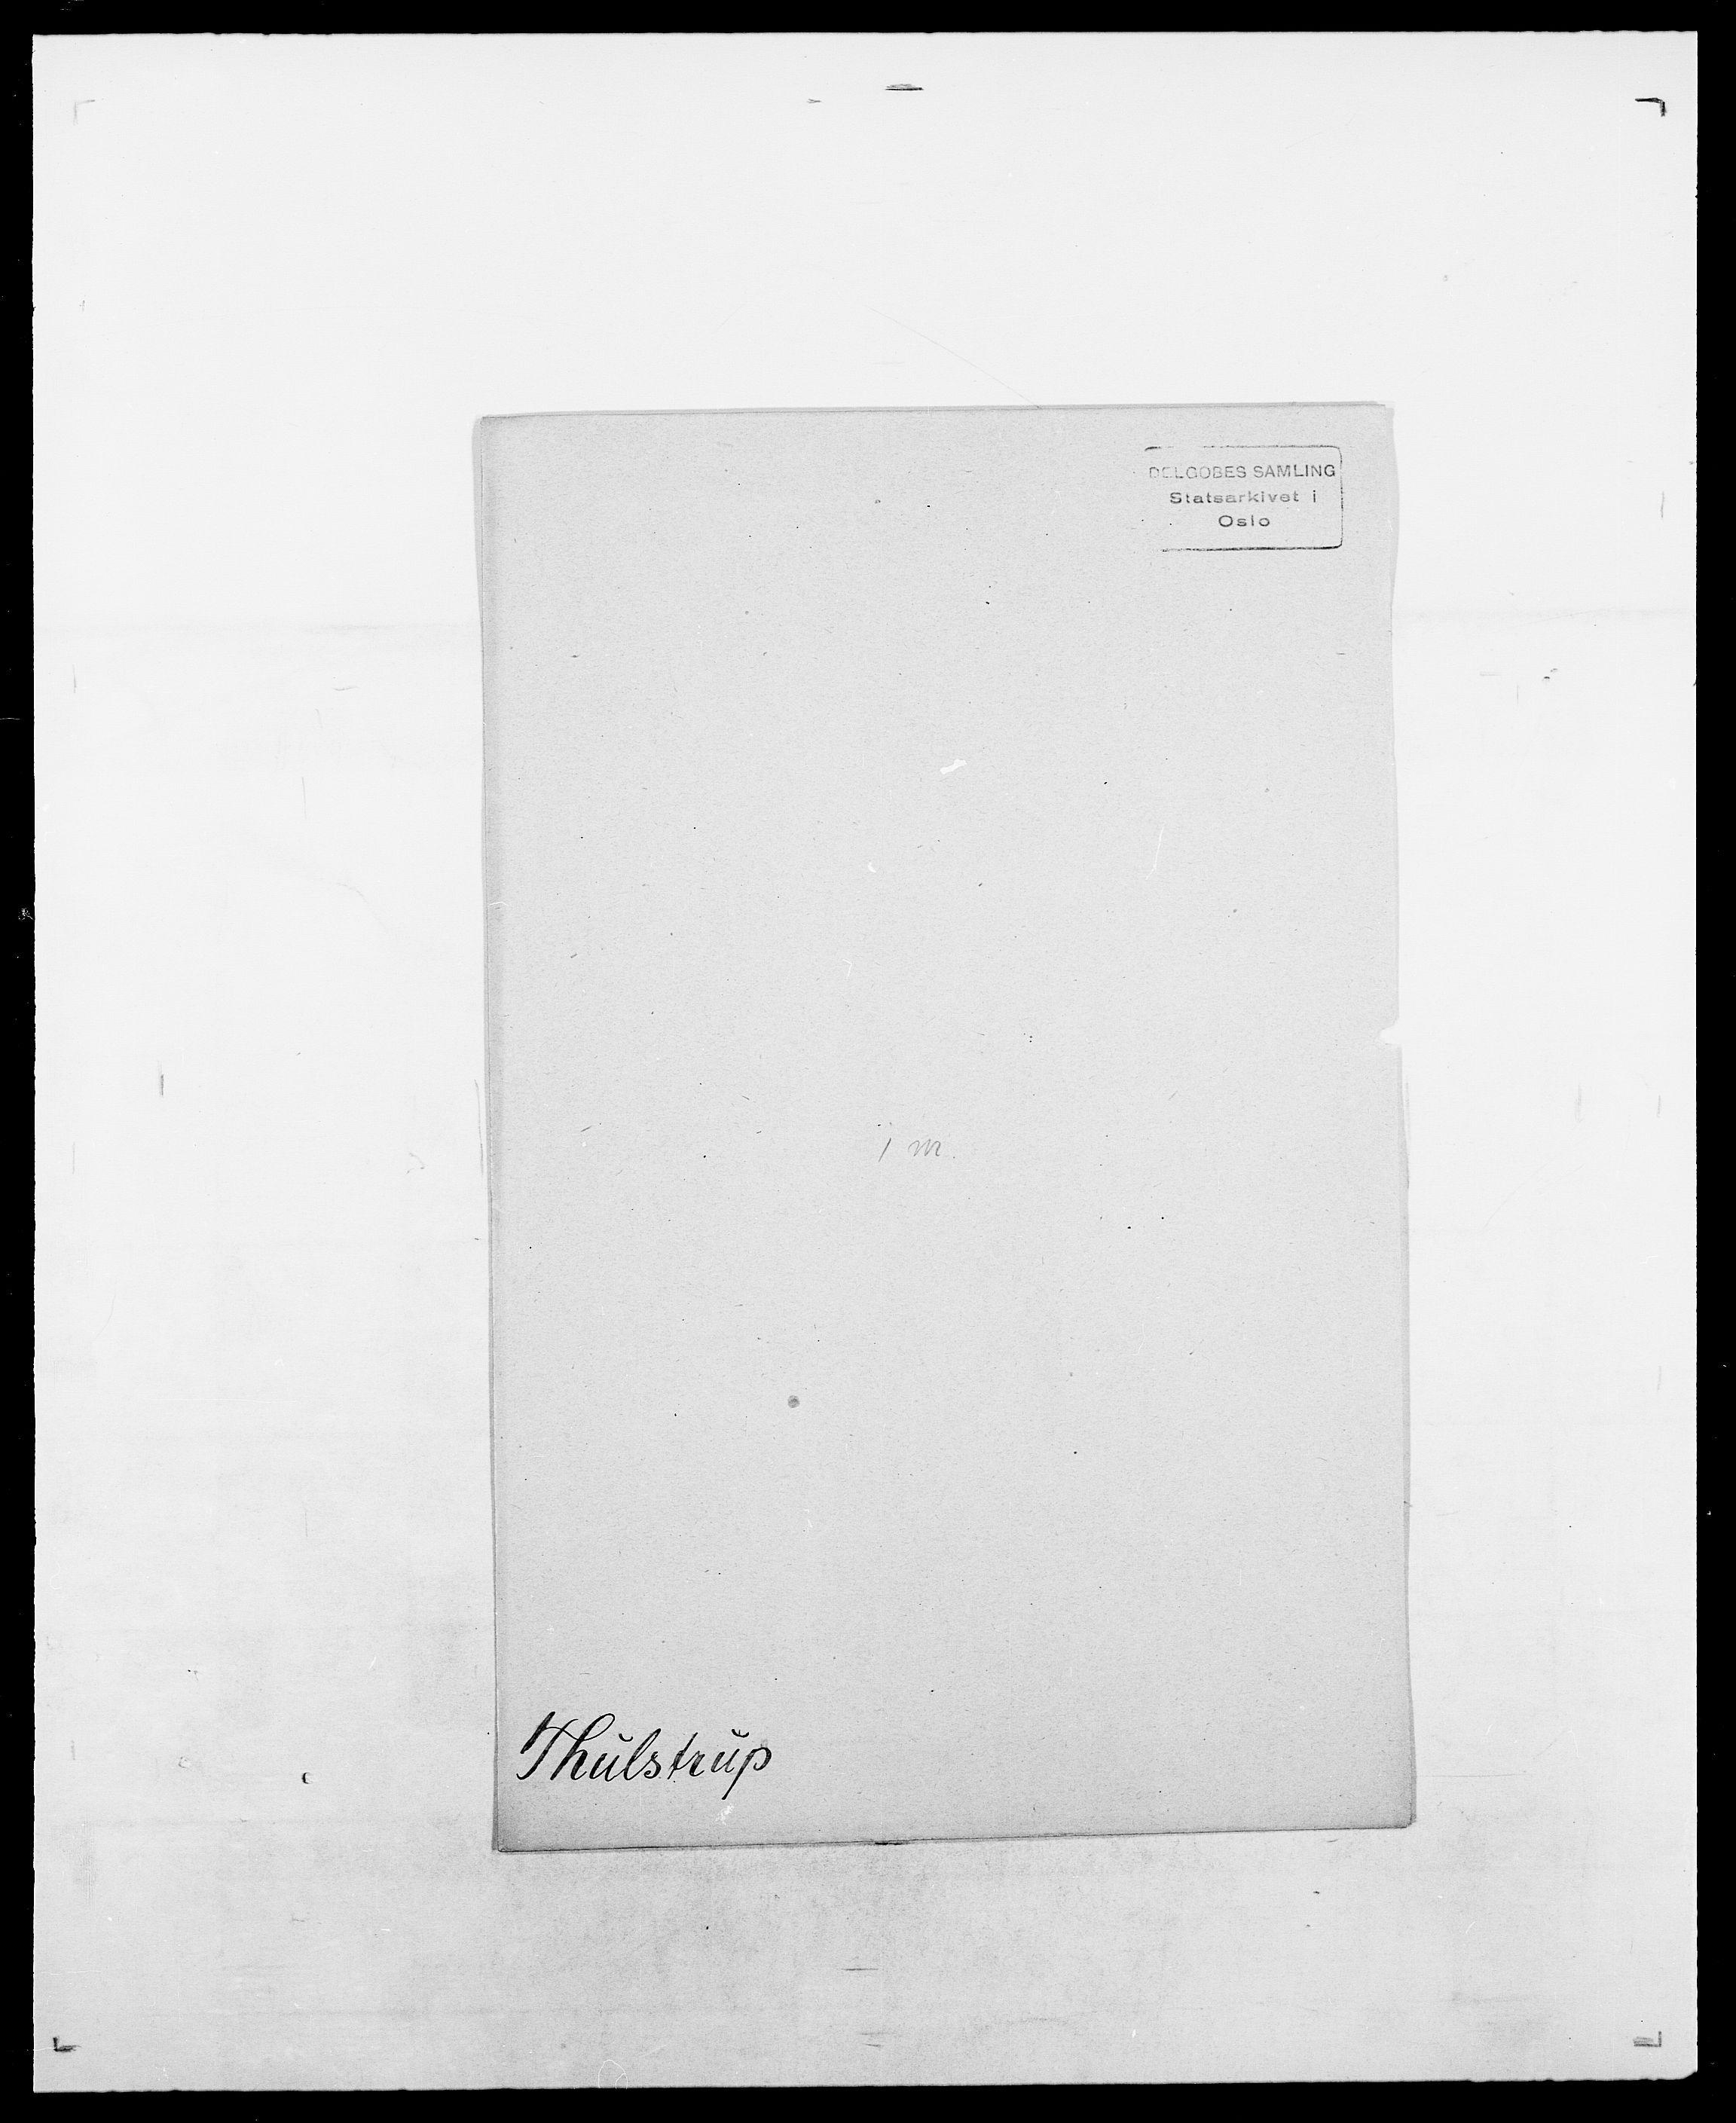 SAO, Delgobe, Charles Antoine - samling, D/Da/L0038: Svanenskjold - Thornsohn, s. 1023